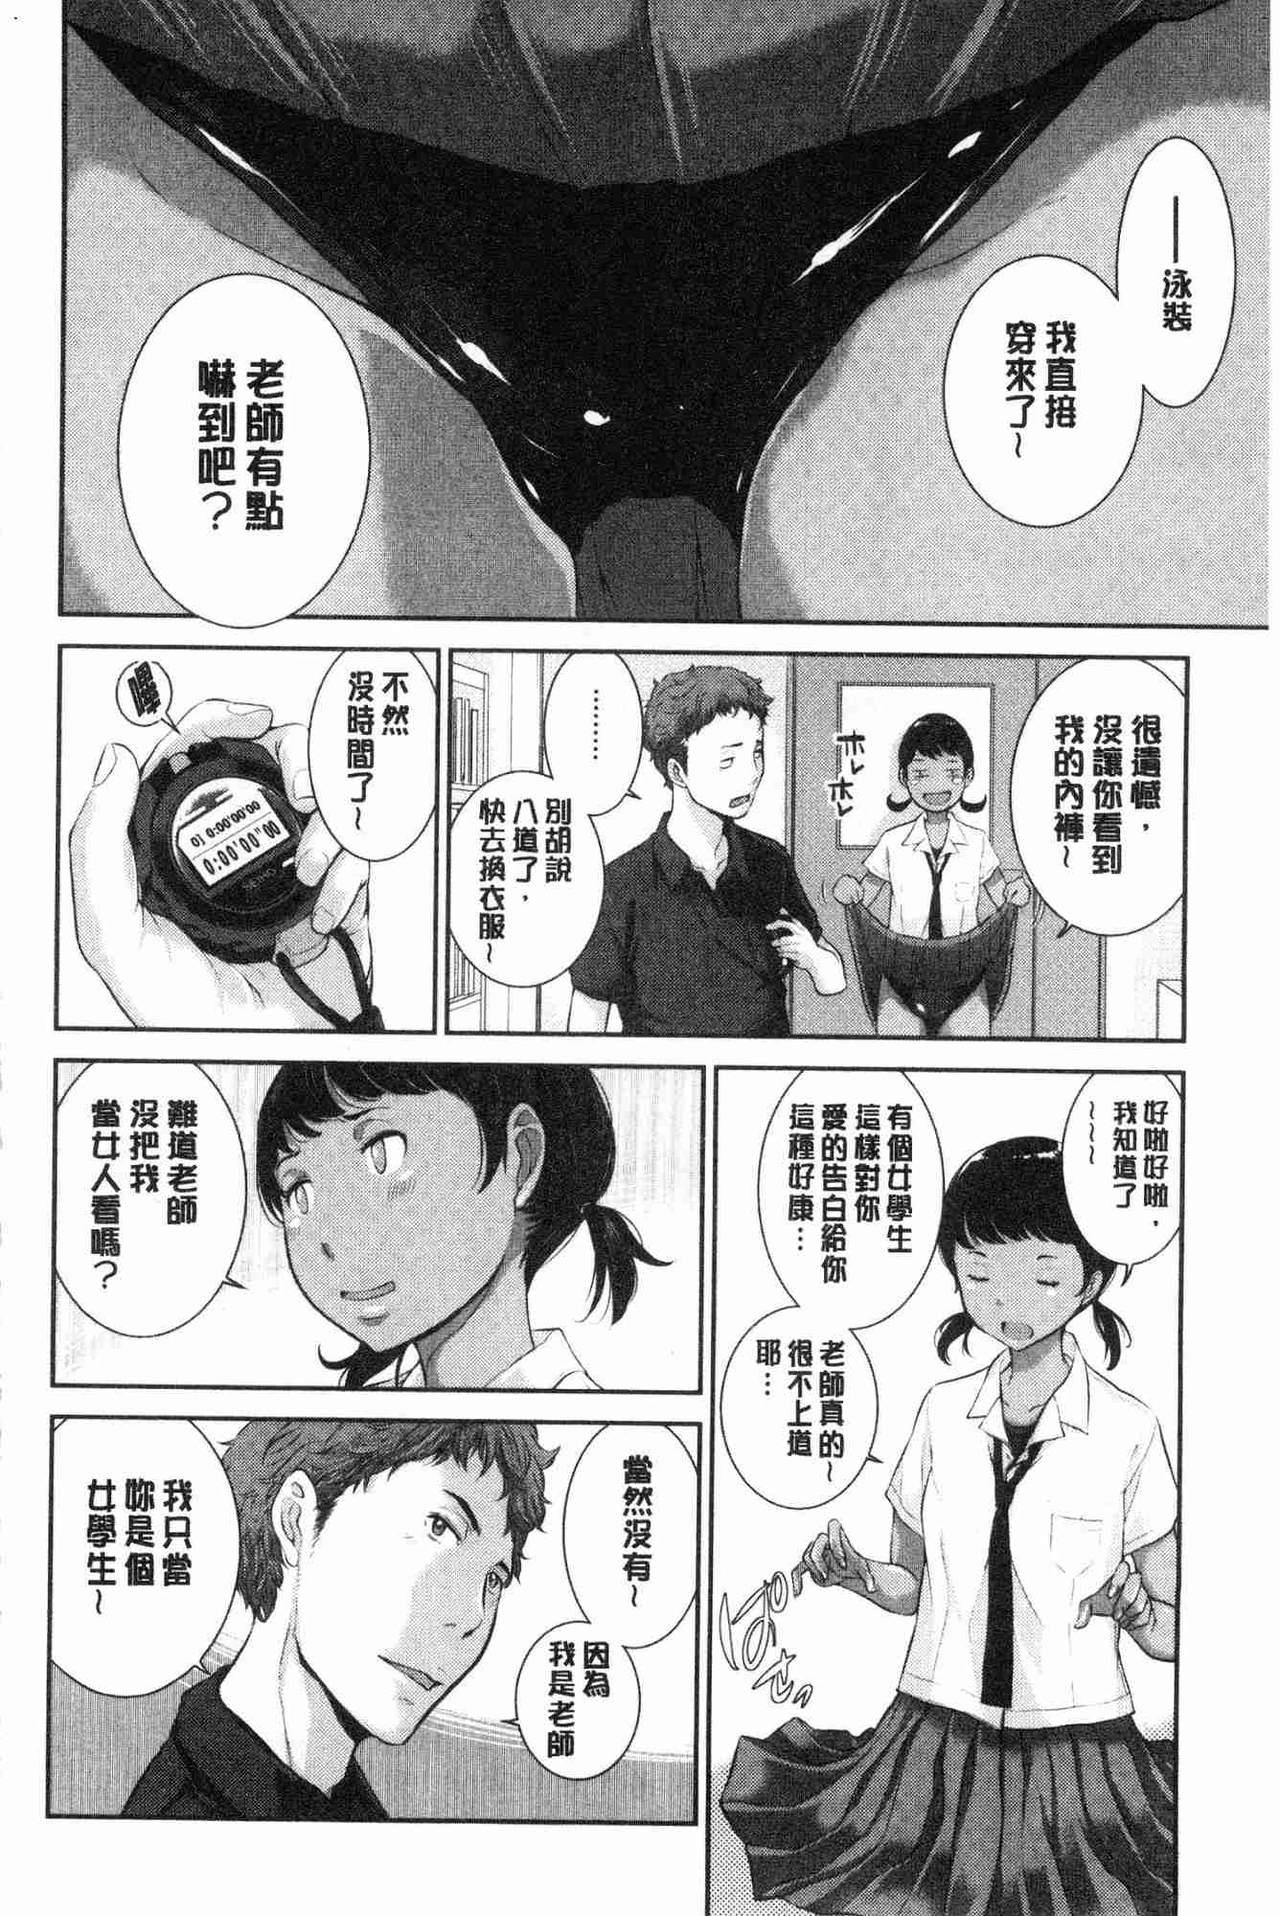 [Harazaki Takuma] Seifuku Shijou Shugi -Natsu- - Uniforms supremacy [Chinese] 112